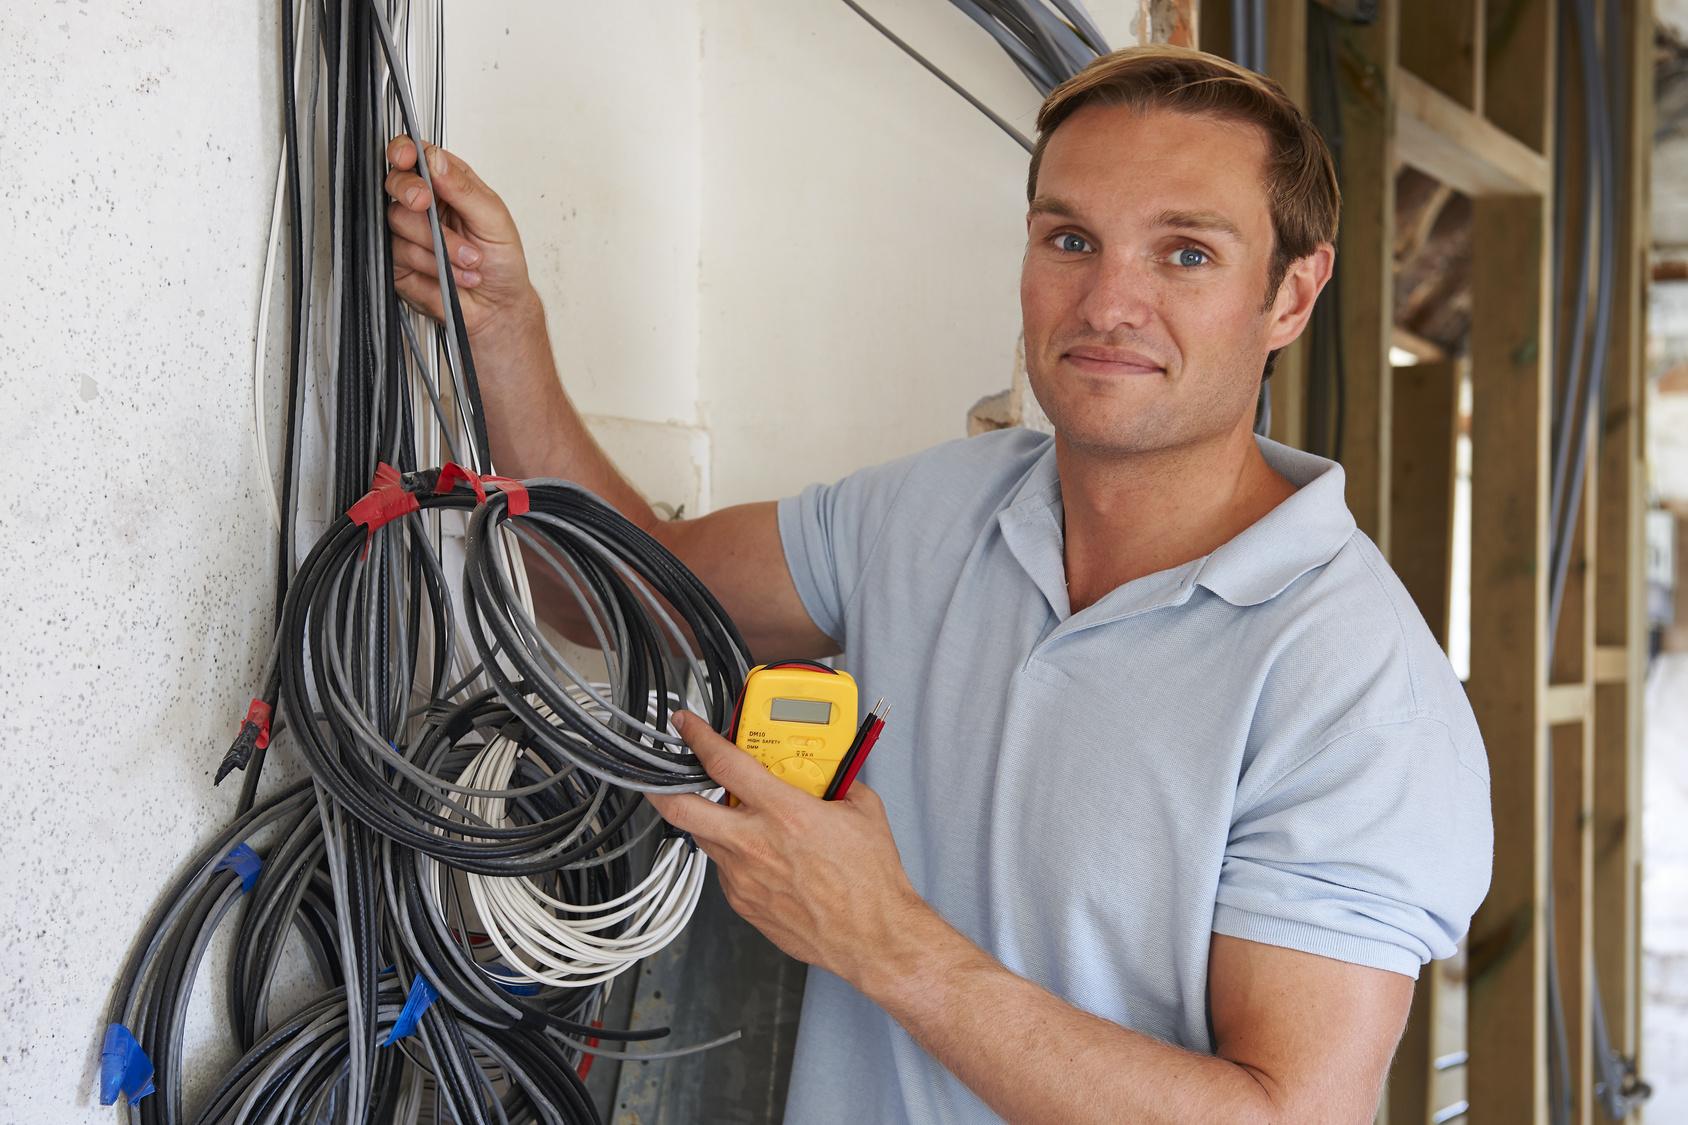 état de l'installation électrique